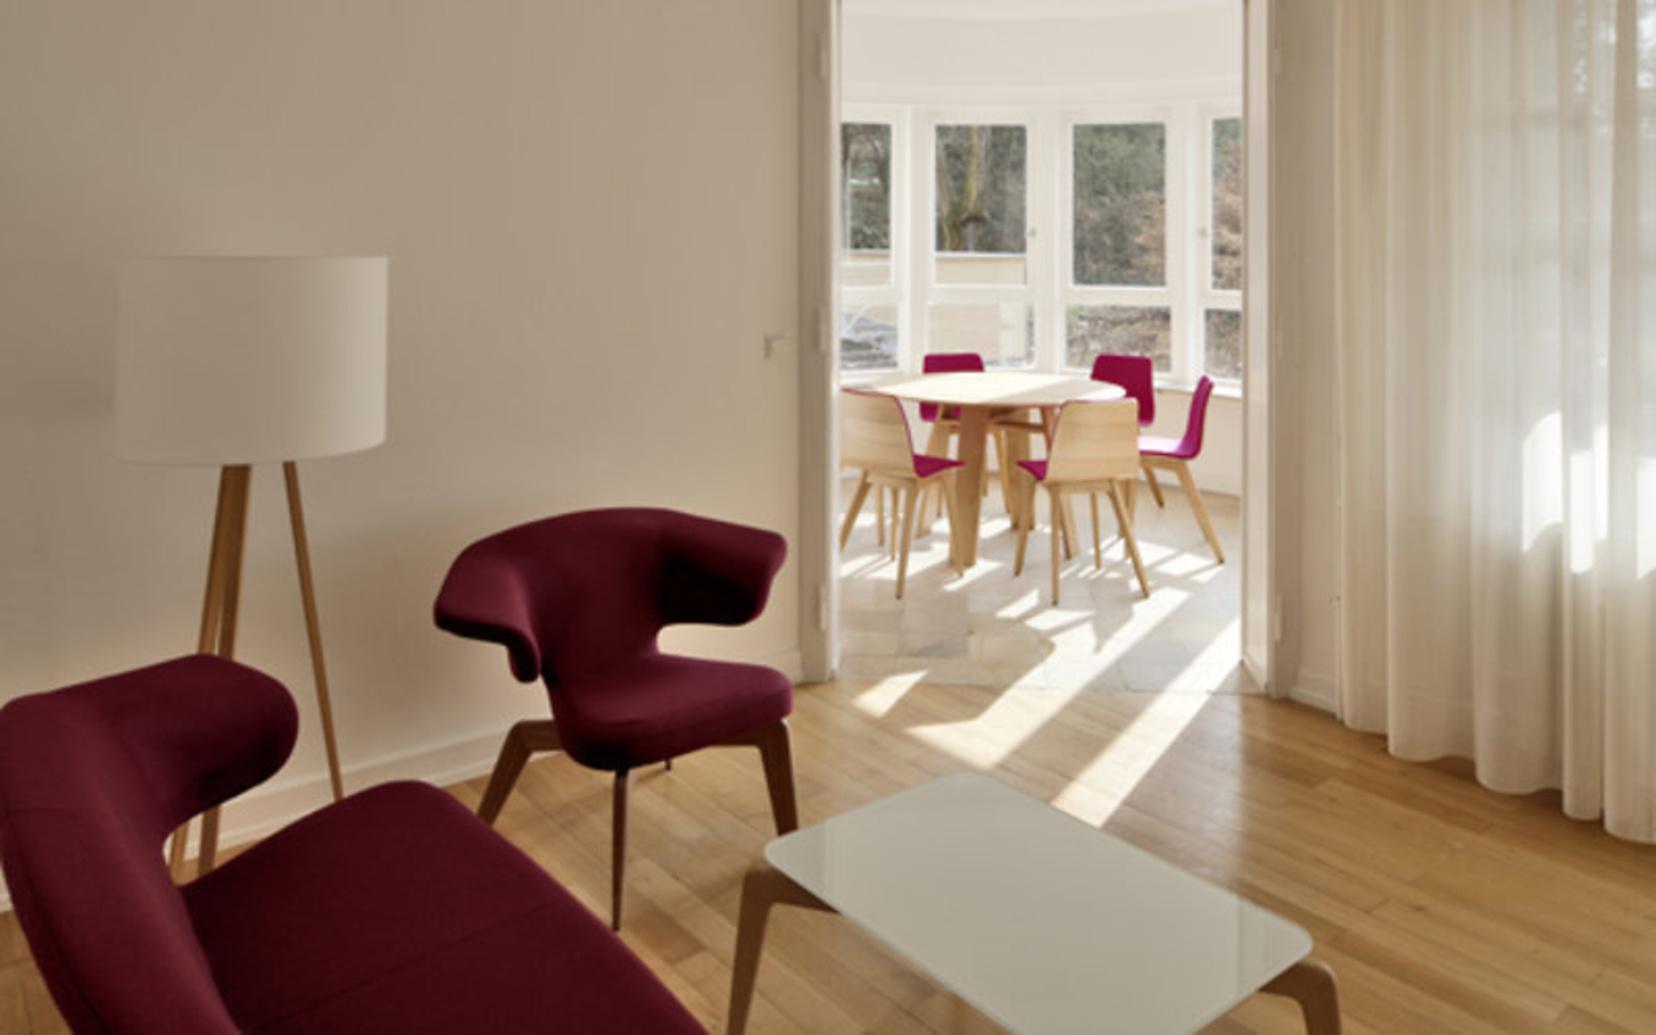 Erstaunlich Innenarchitektur Darmstadt Ideen Von Zur Referenz-Übersicht